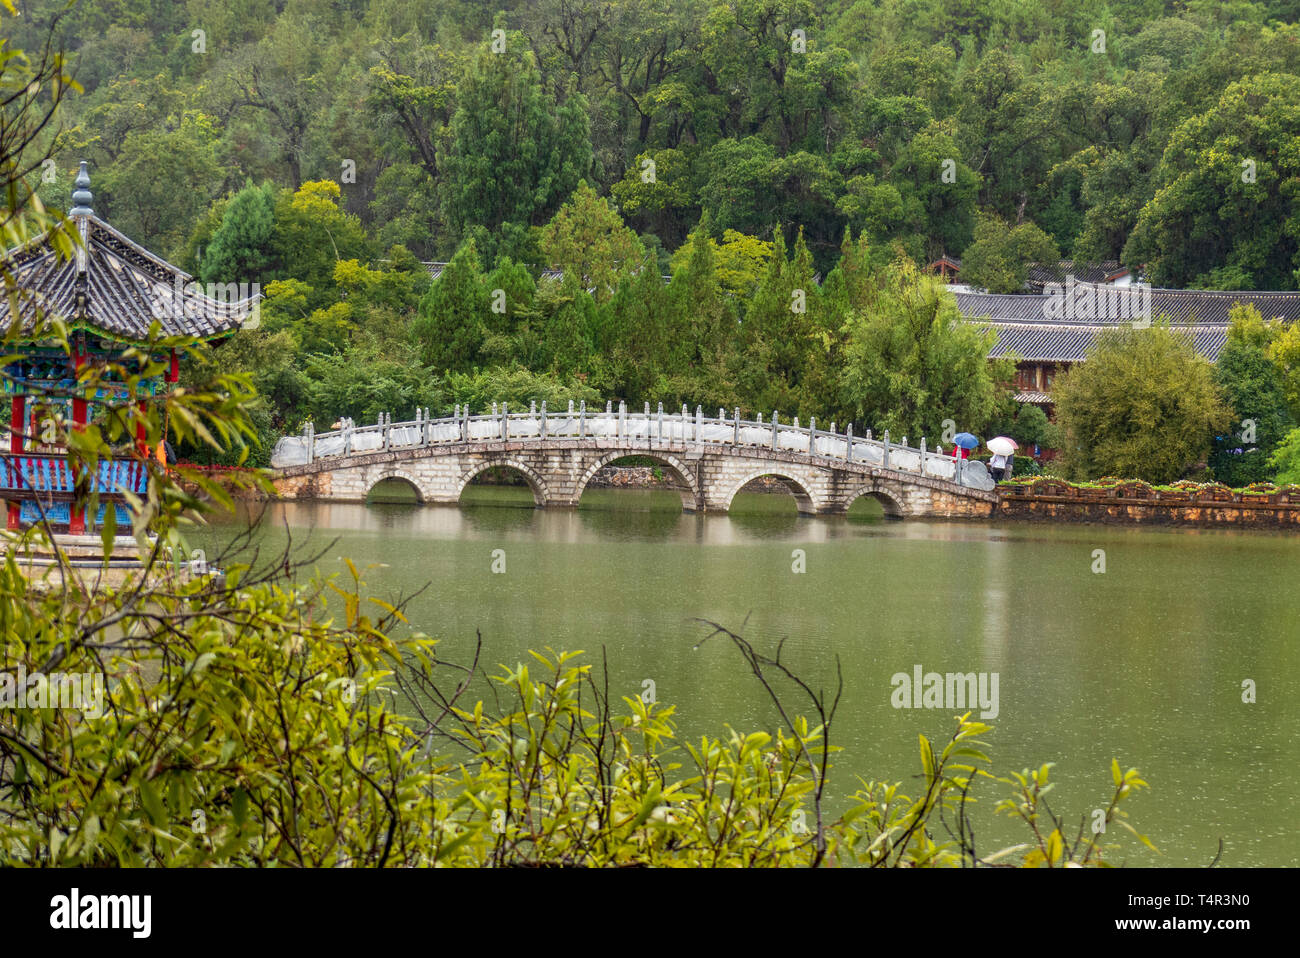 Black Dragon Pool in Lijiang, Yunnan Province, China - Stock Image